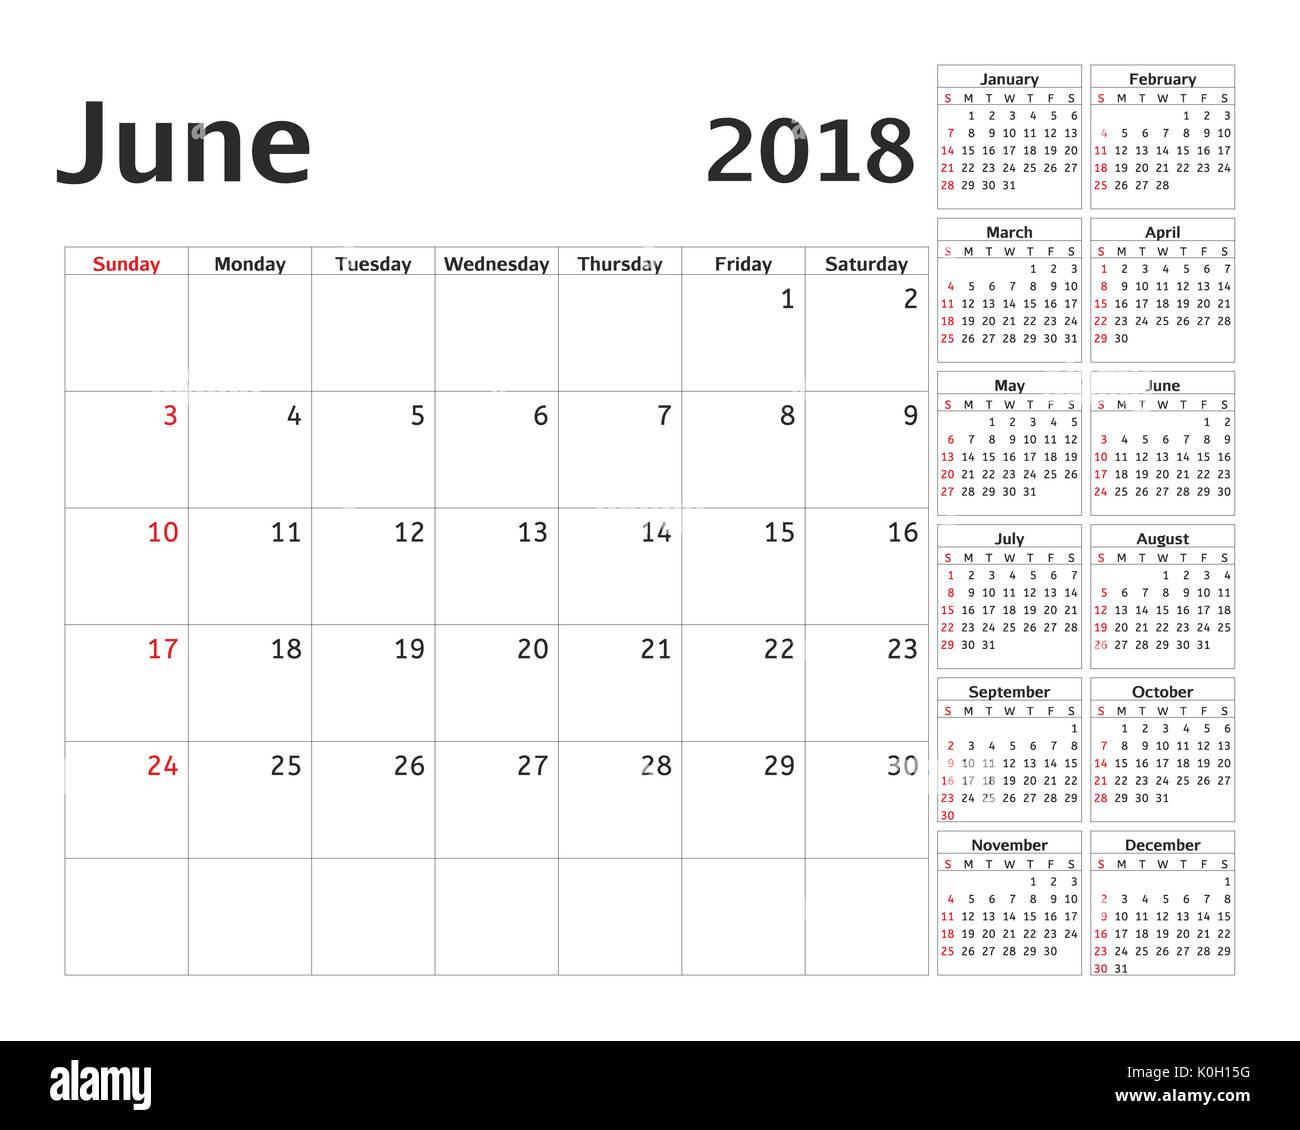 Planner 2018 Imágenes De Stock & Planner 2018 Fotos De Stock ...